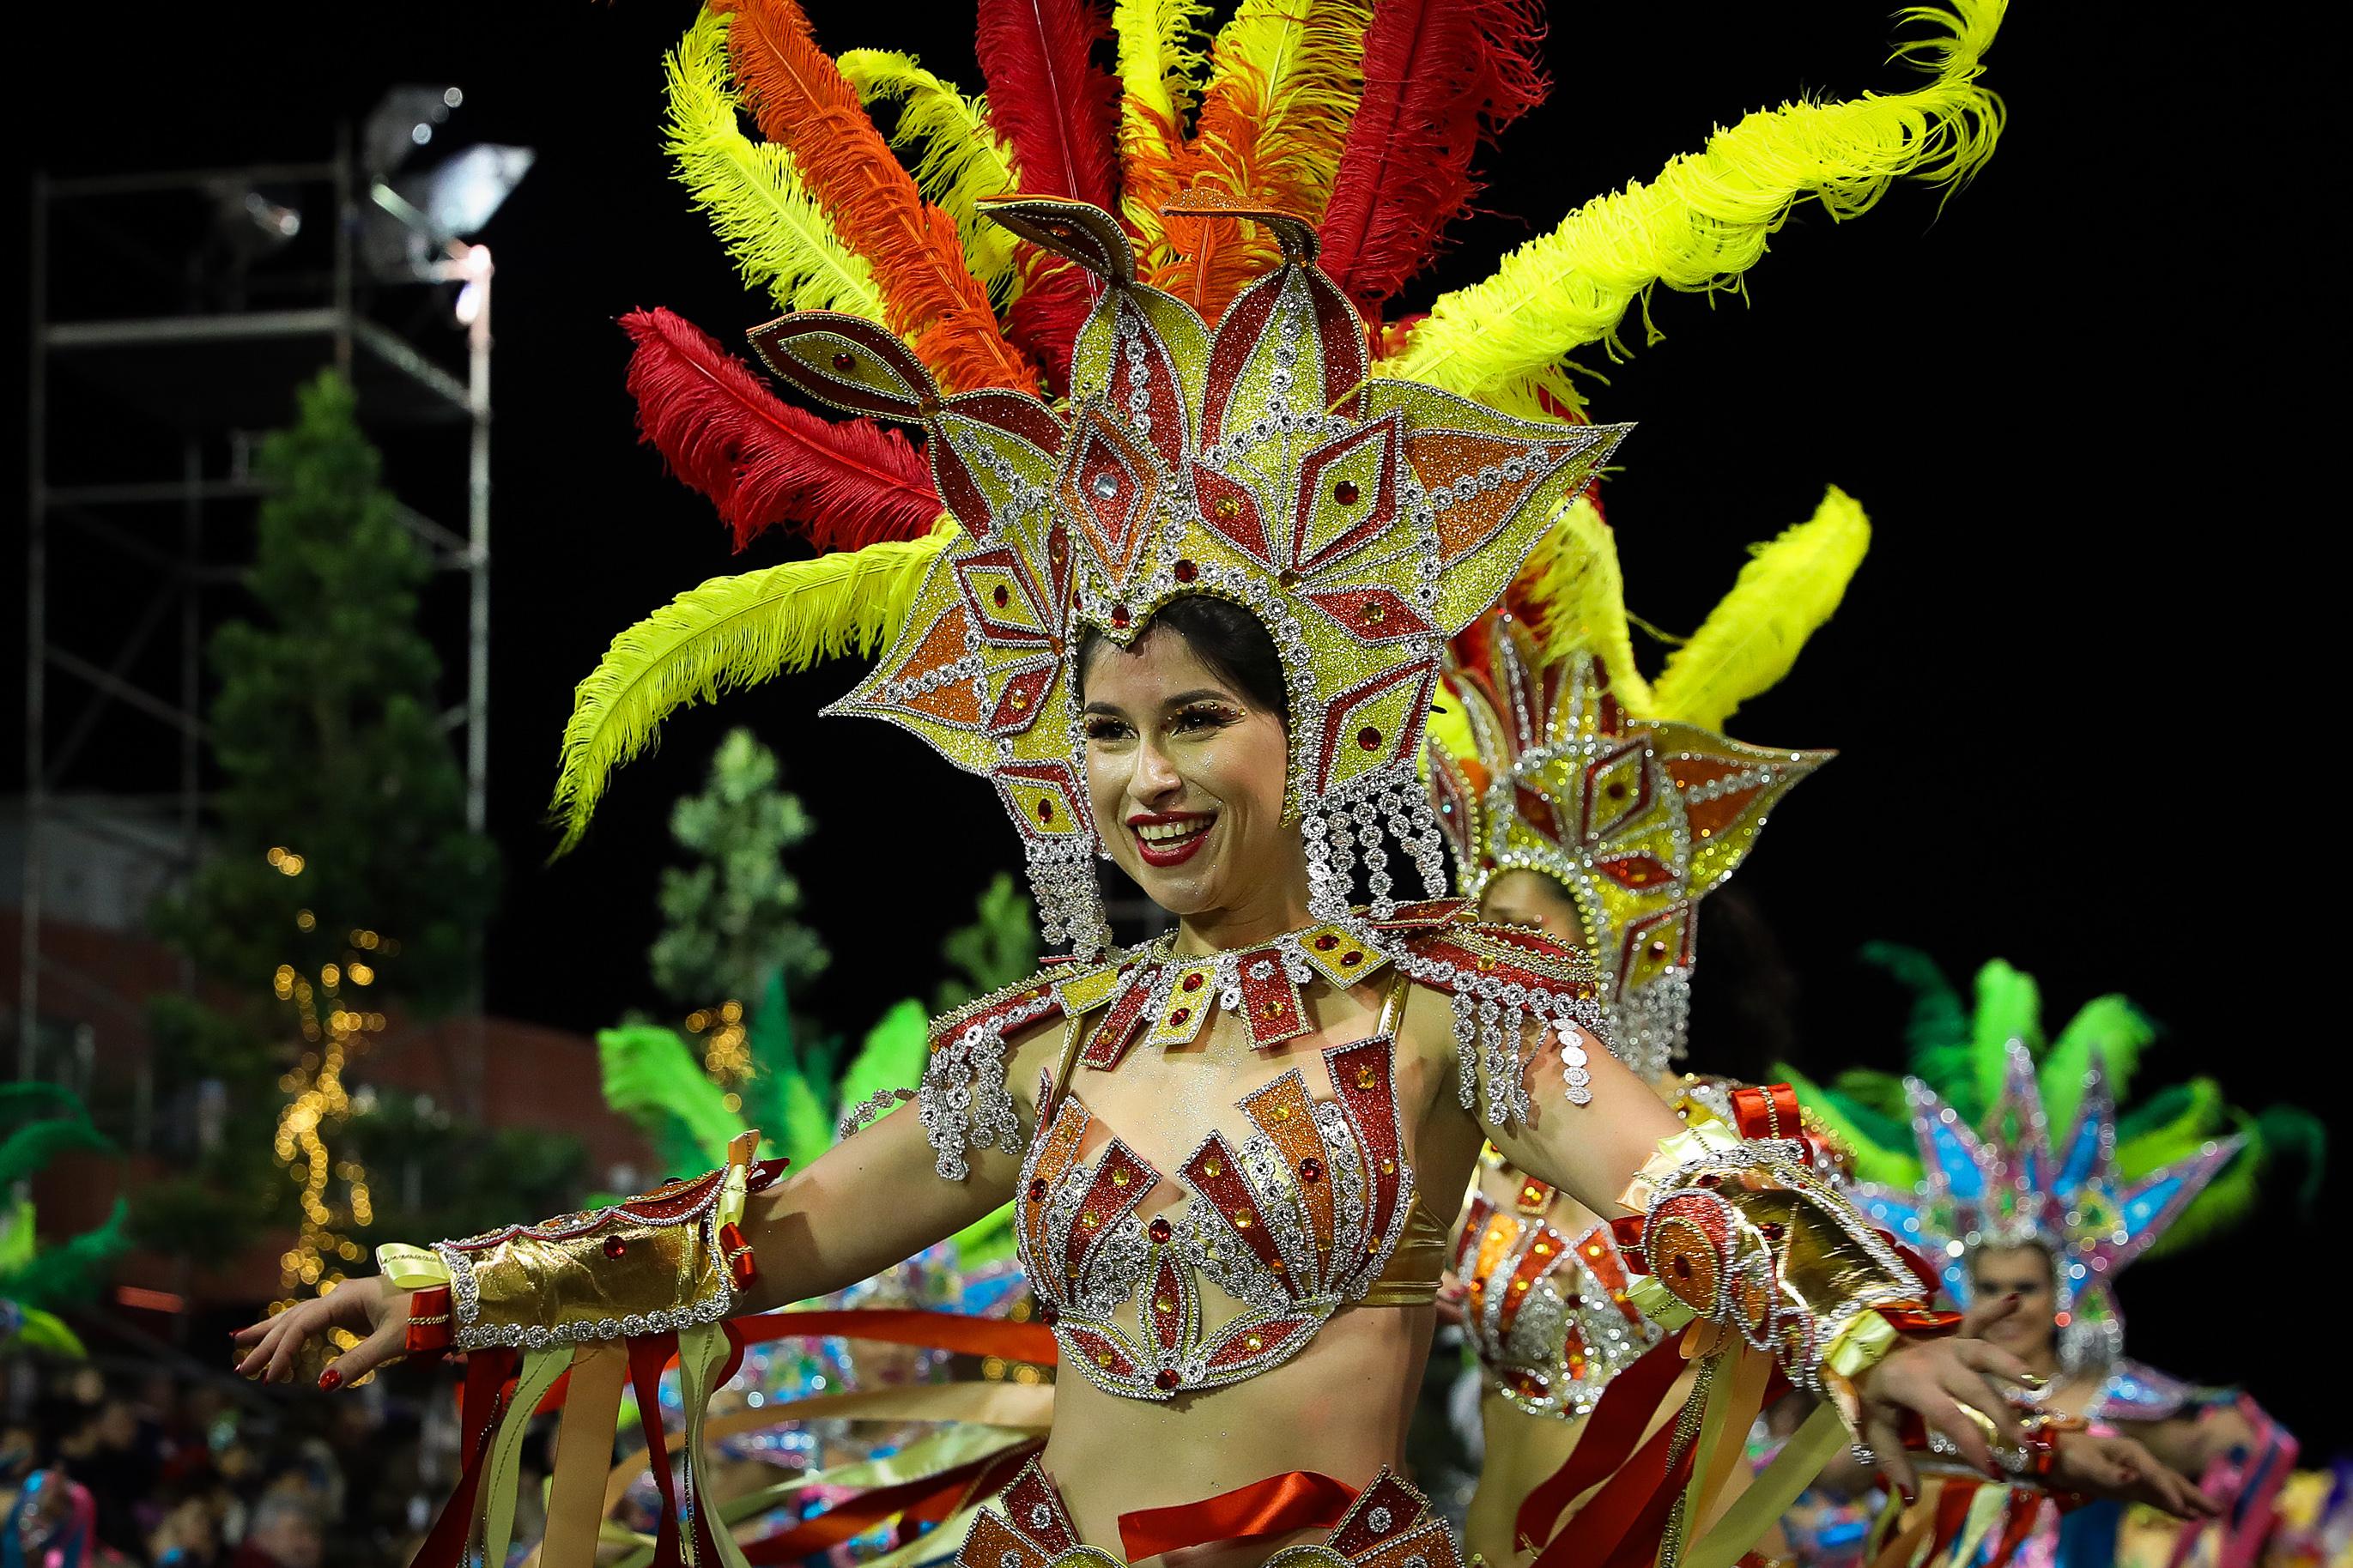 Milhares de pessoas assistiram a cortejo de Carnaval da Madeira